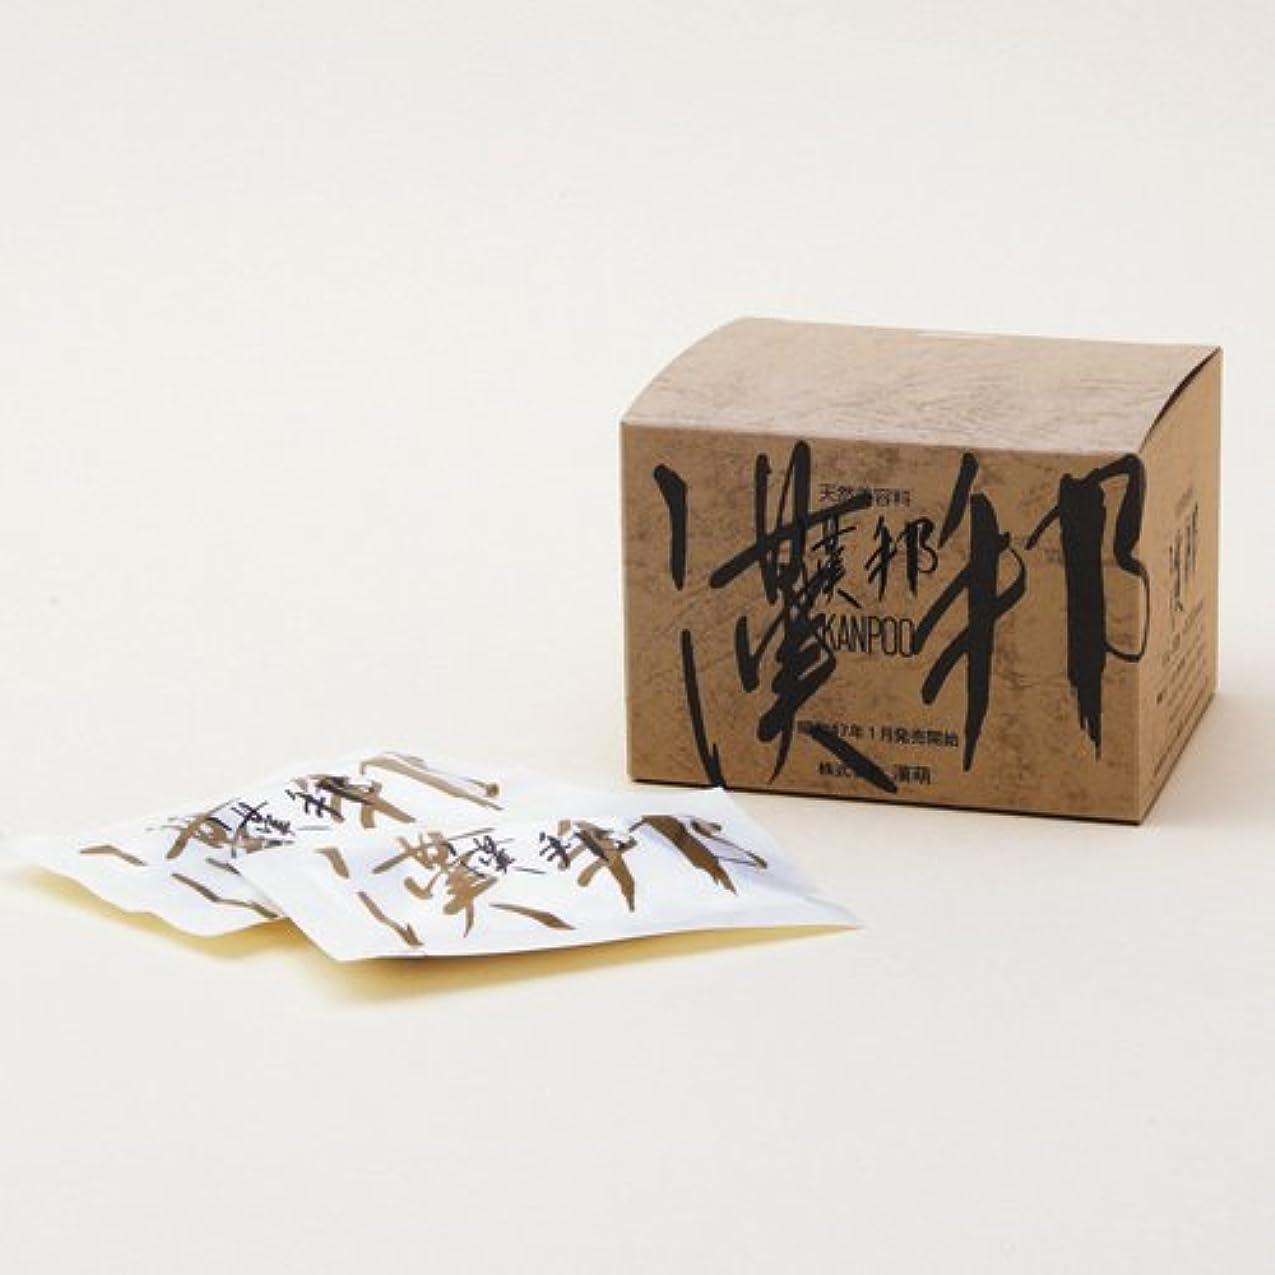 ほのめかす放散する警官漢萌(KANPOO) 漢邦ぬか袋(全肌活肌料) 熟成12年 10g×16袋